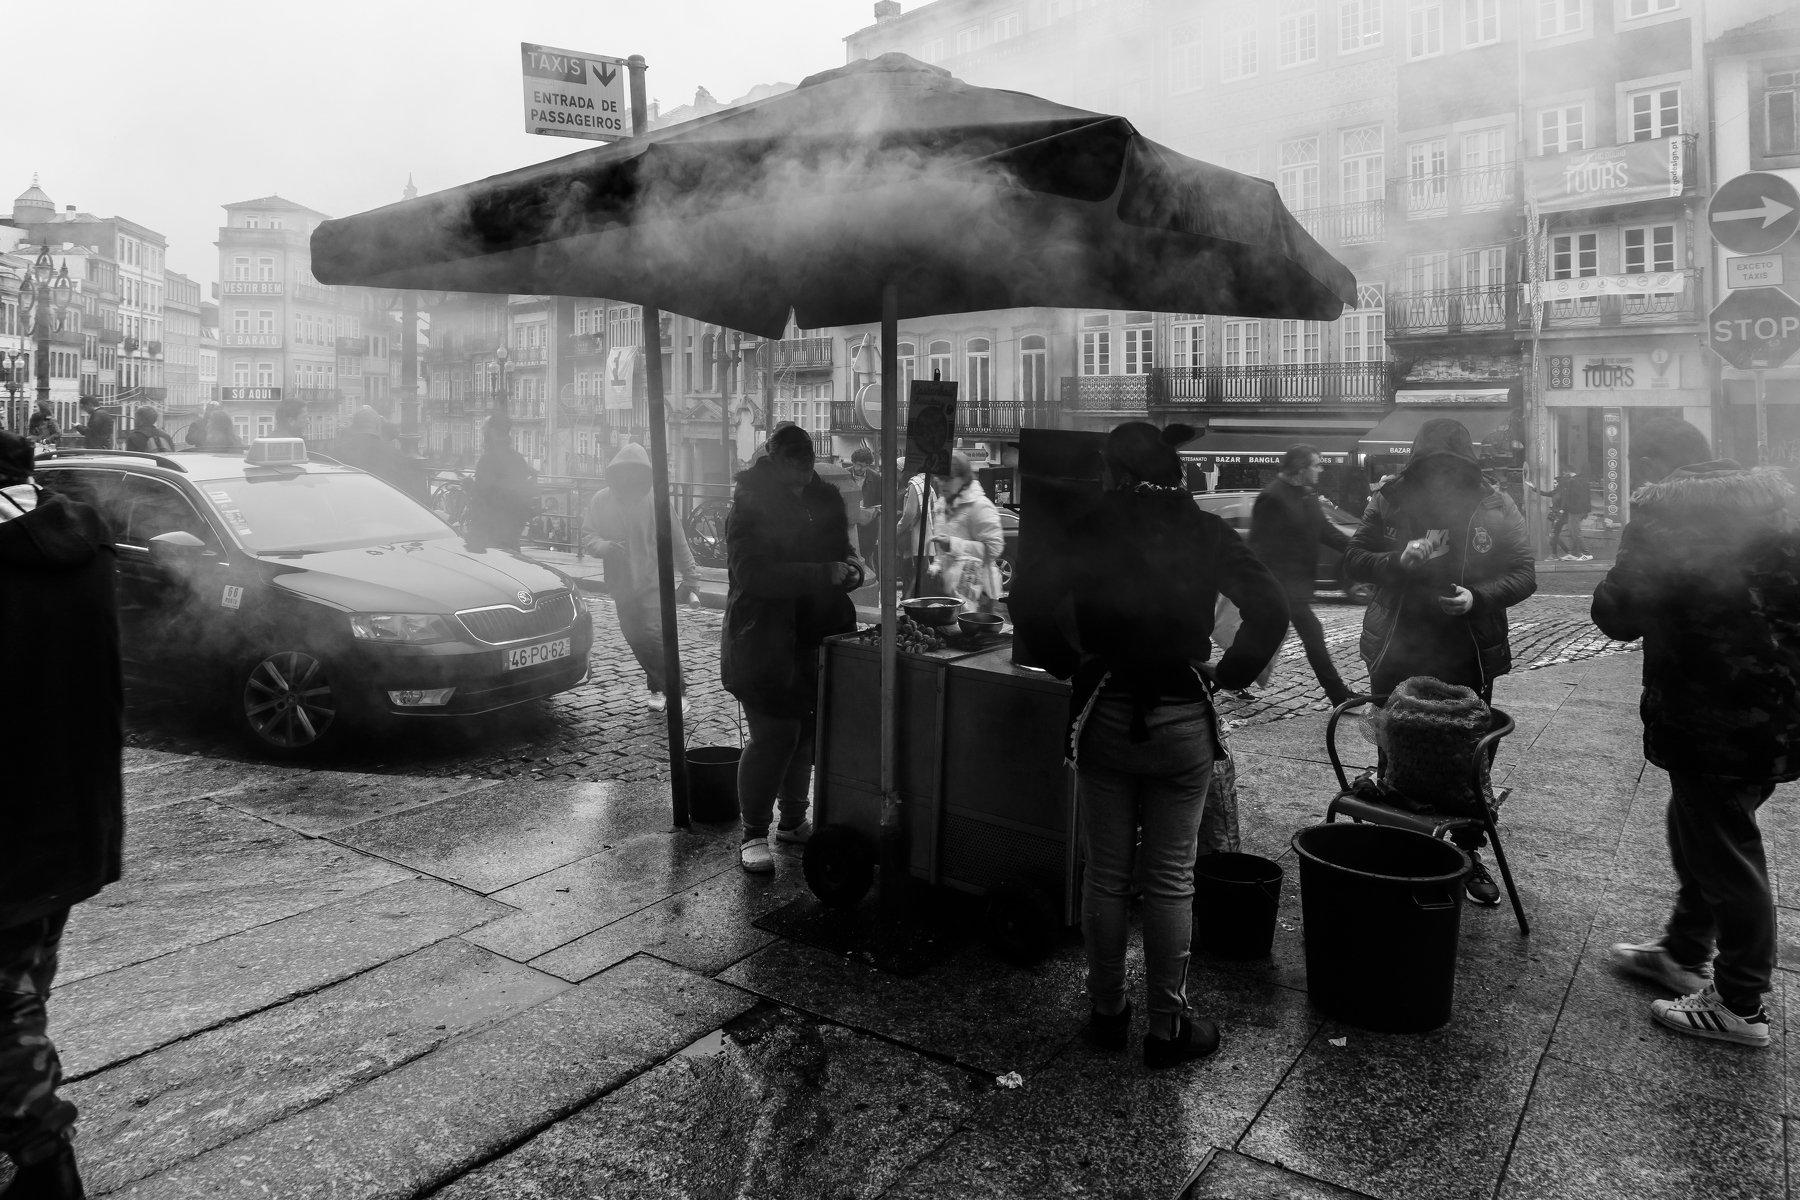 street, bnw, sellers, oporto, smoke, winter,, Antonio Bernardino